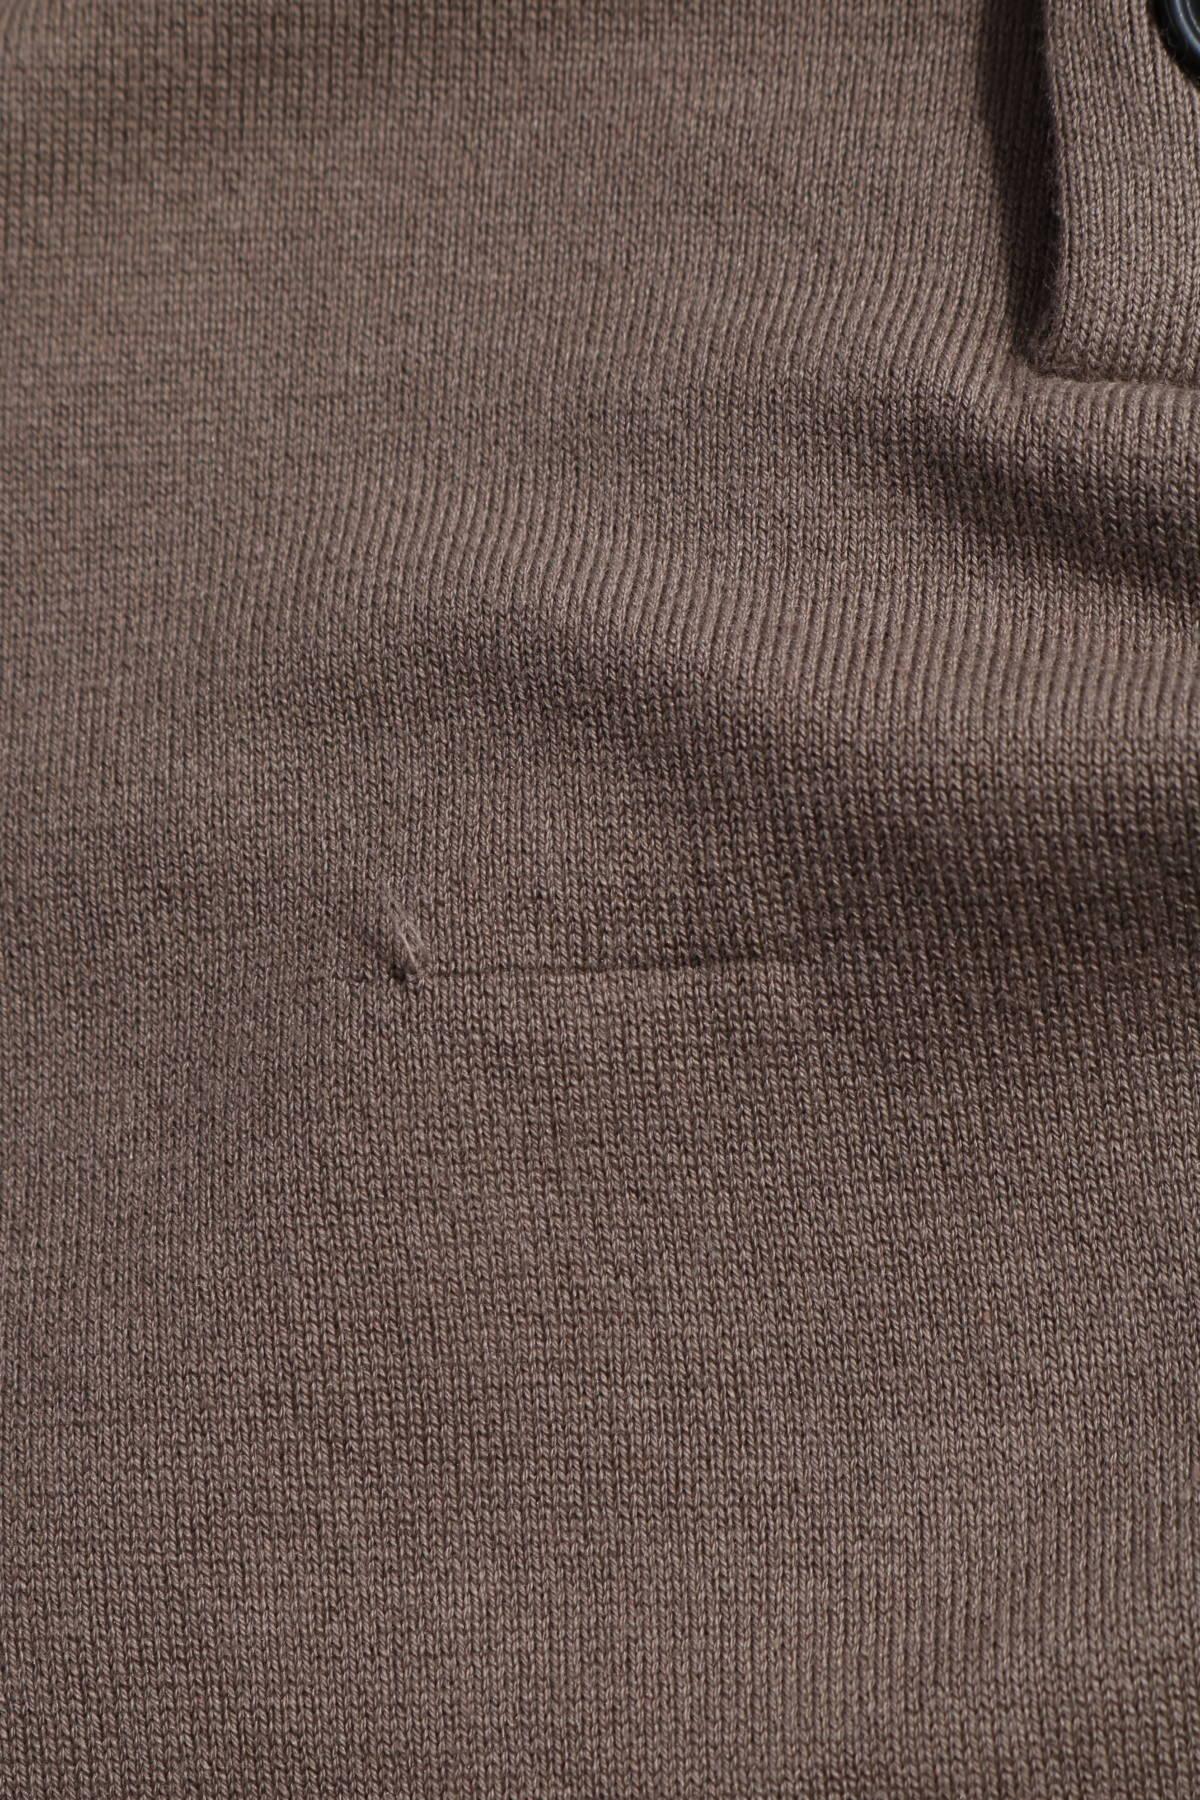 Пуловер с поло яка Tommy Hilfiger4